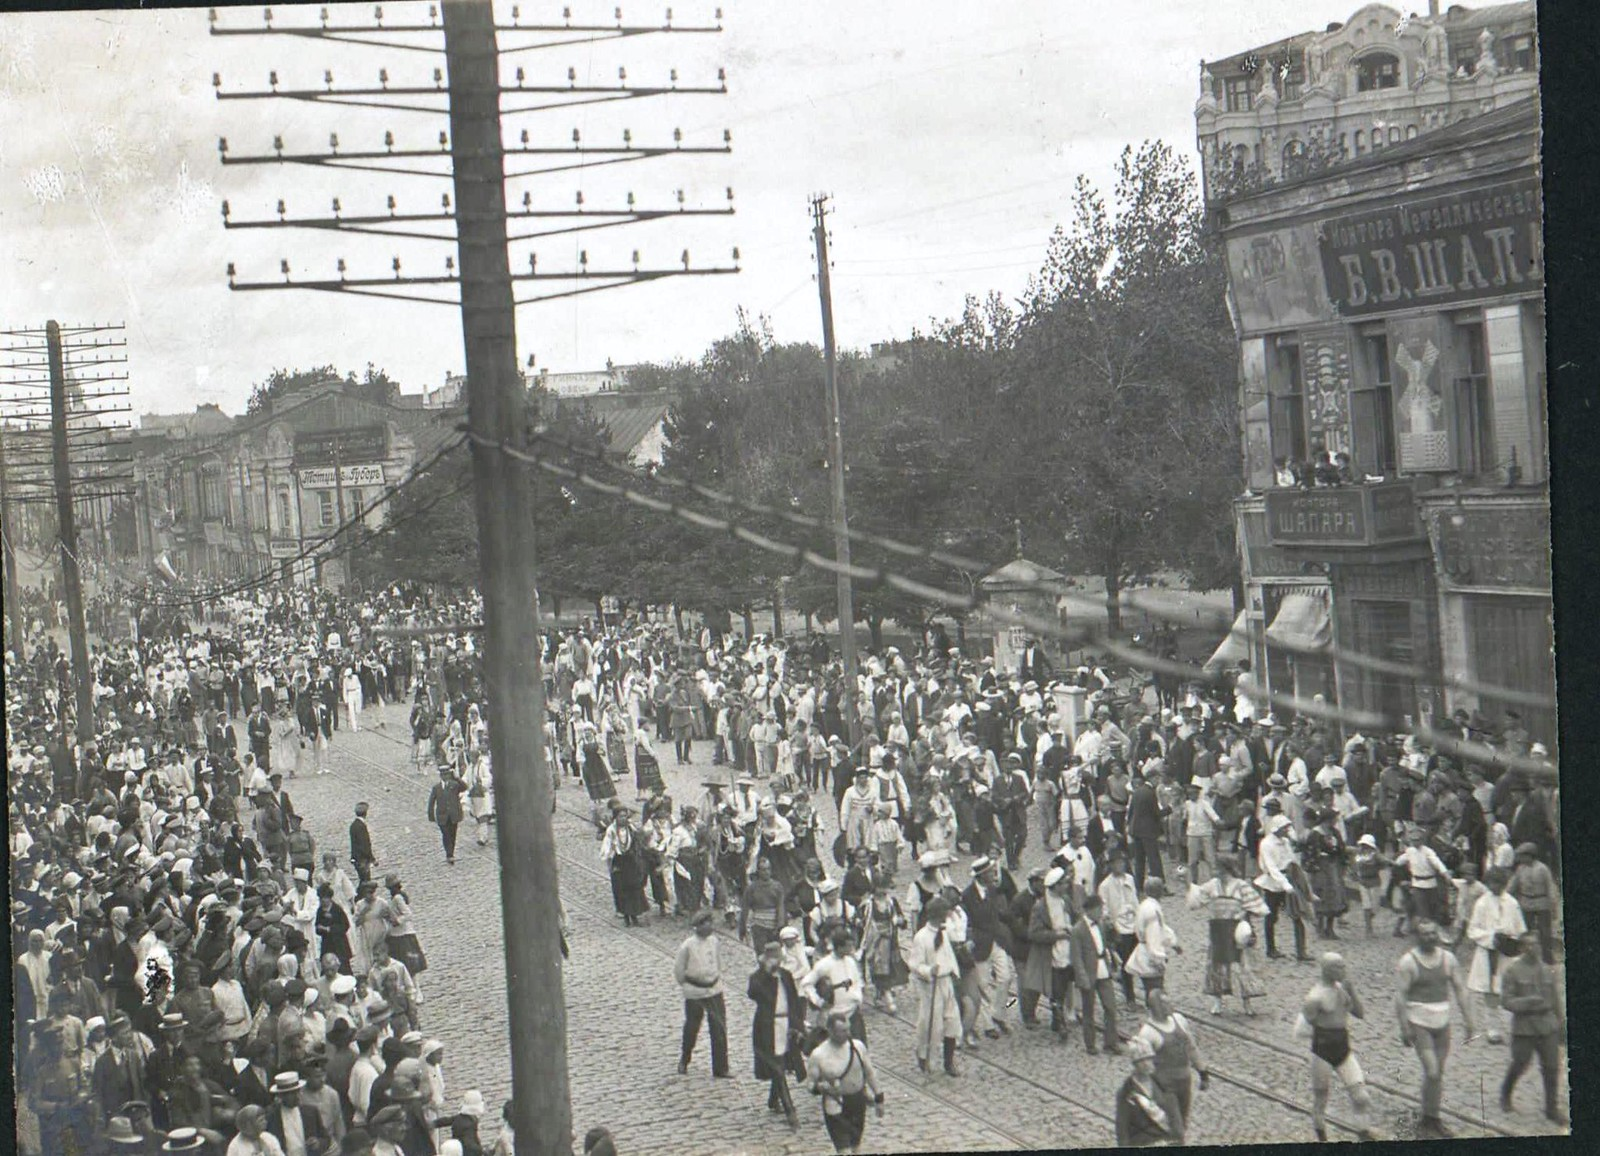 163. 1919. Чествование генерала Кутепова в Харькове